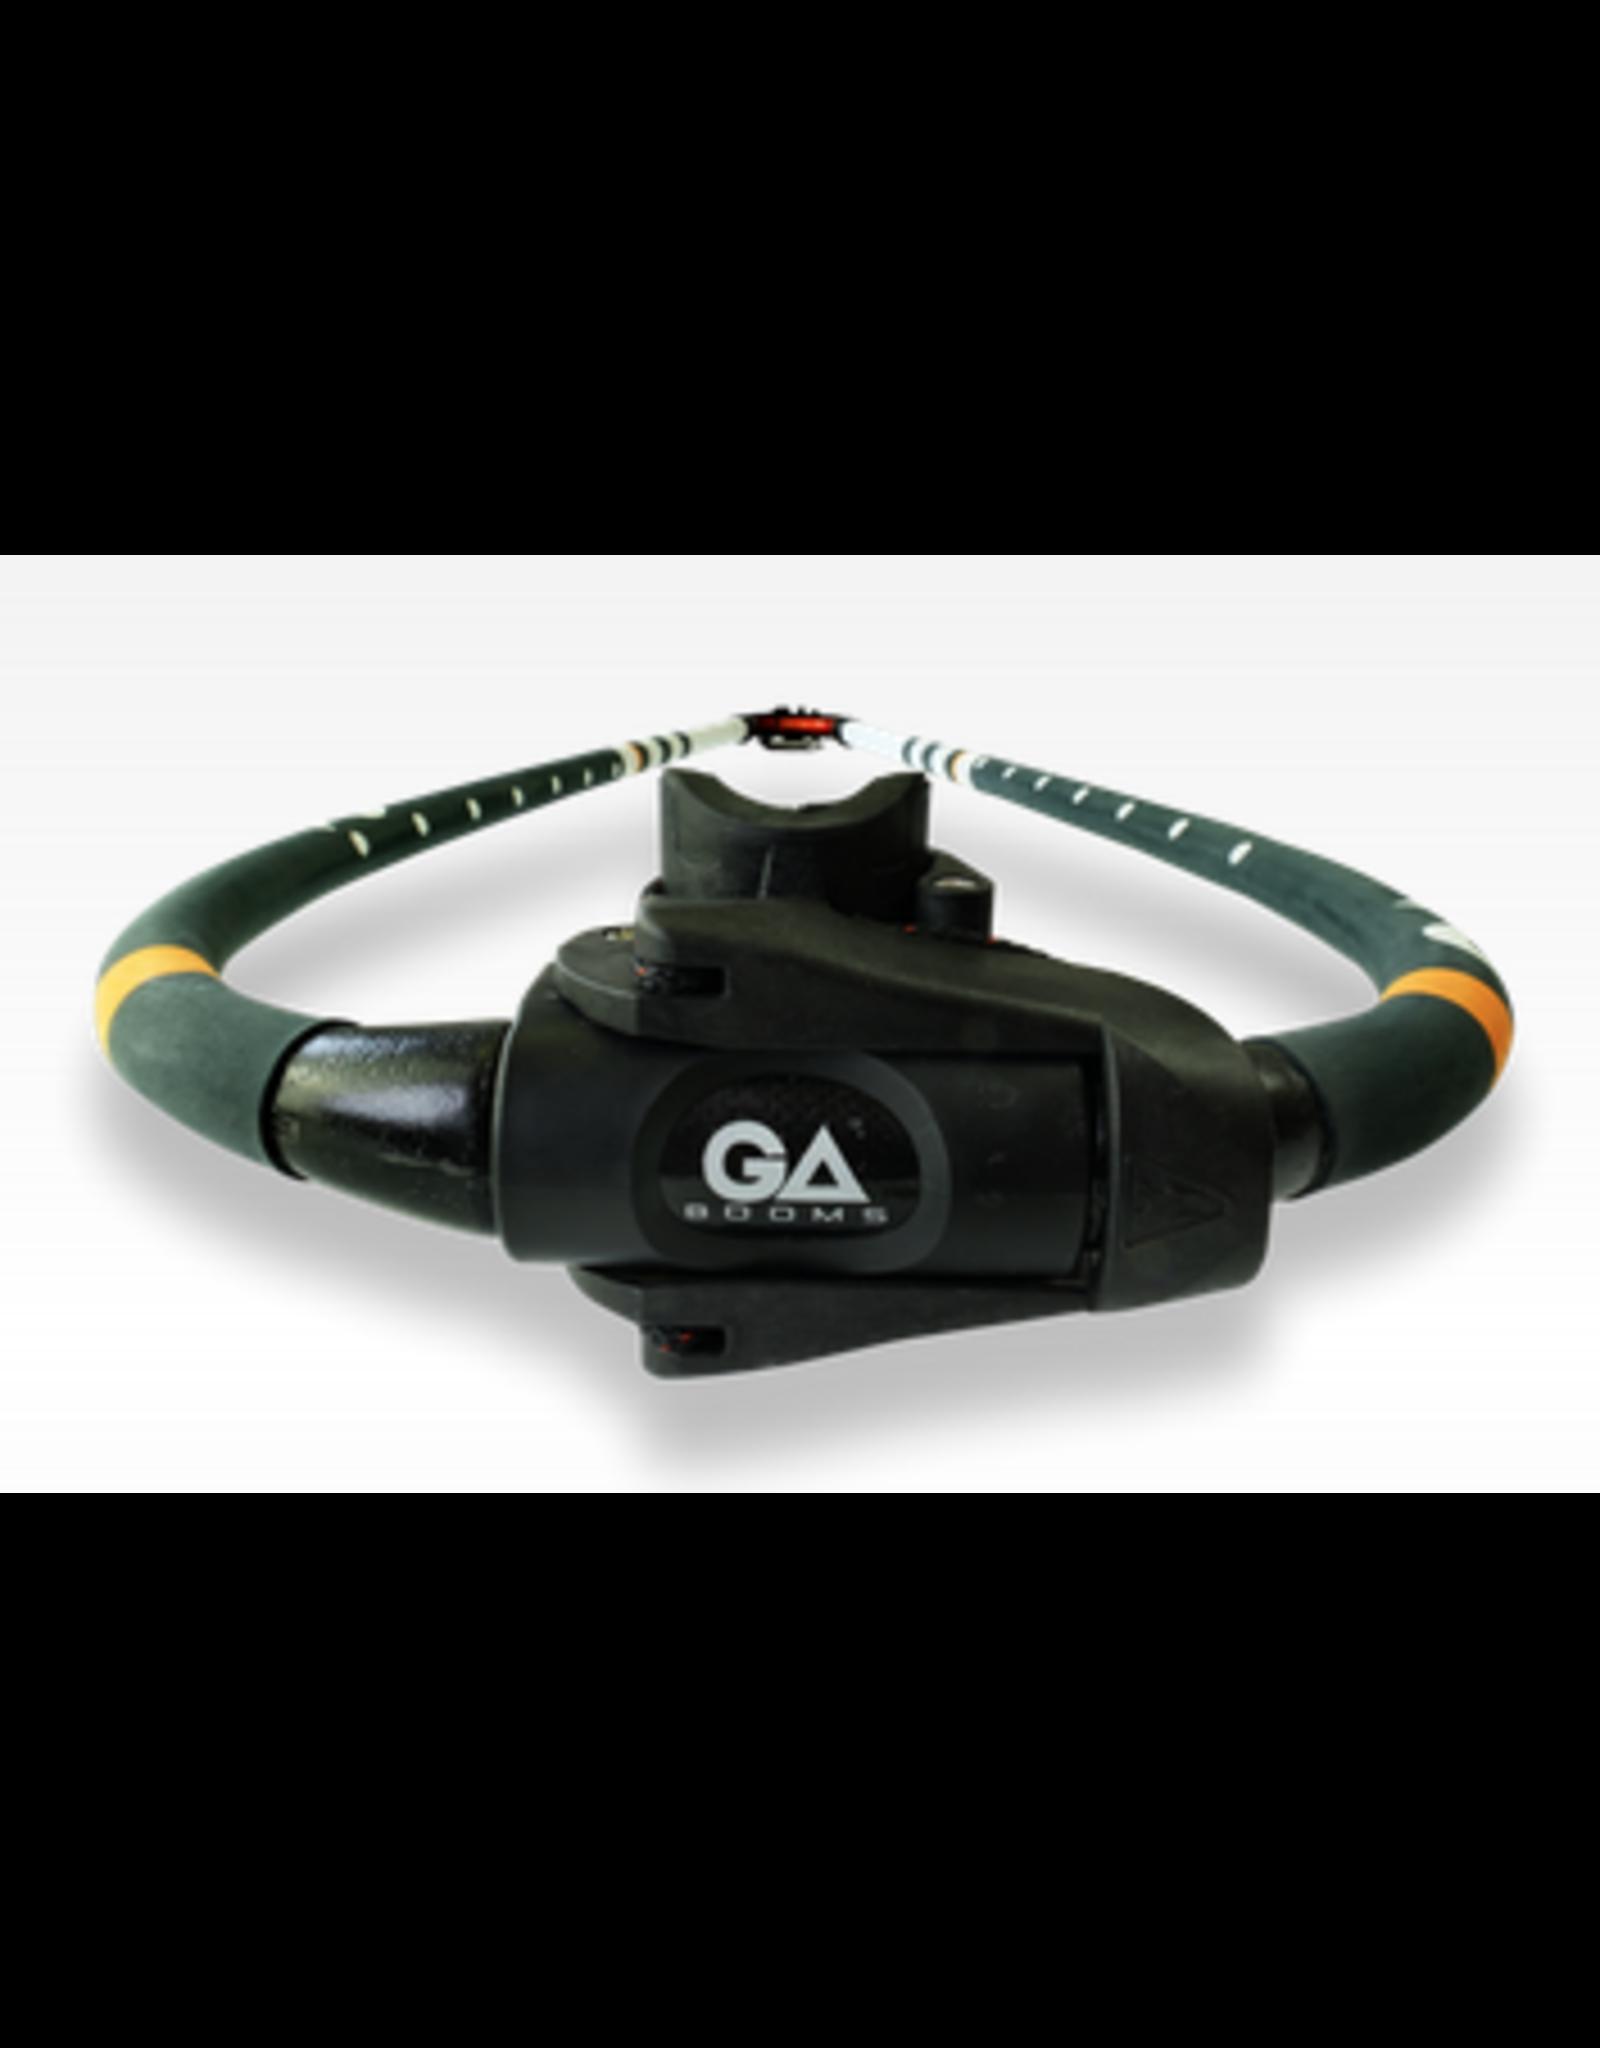 GA Sails GA-Booms Wave 100% Carbon 140-190